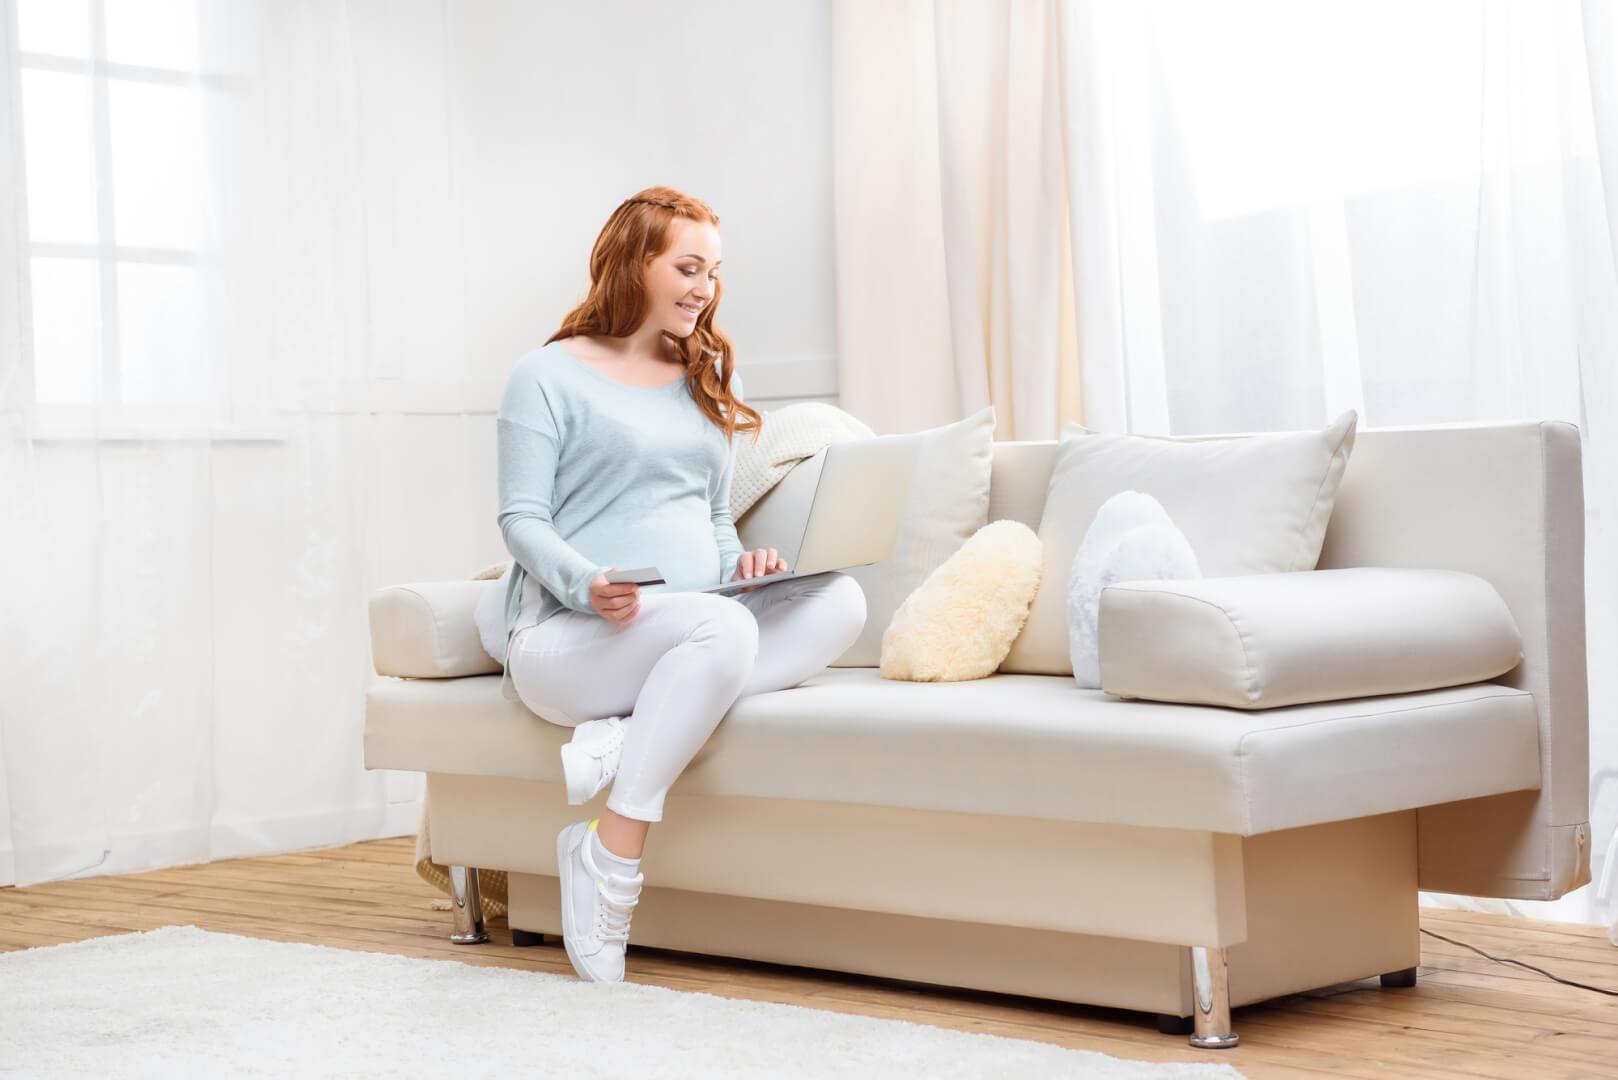 Sofa og kvinde